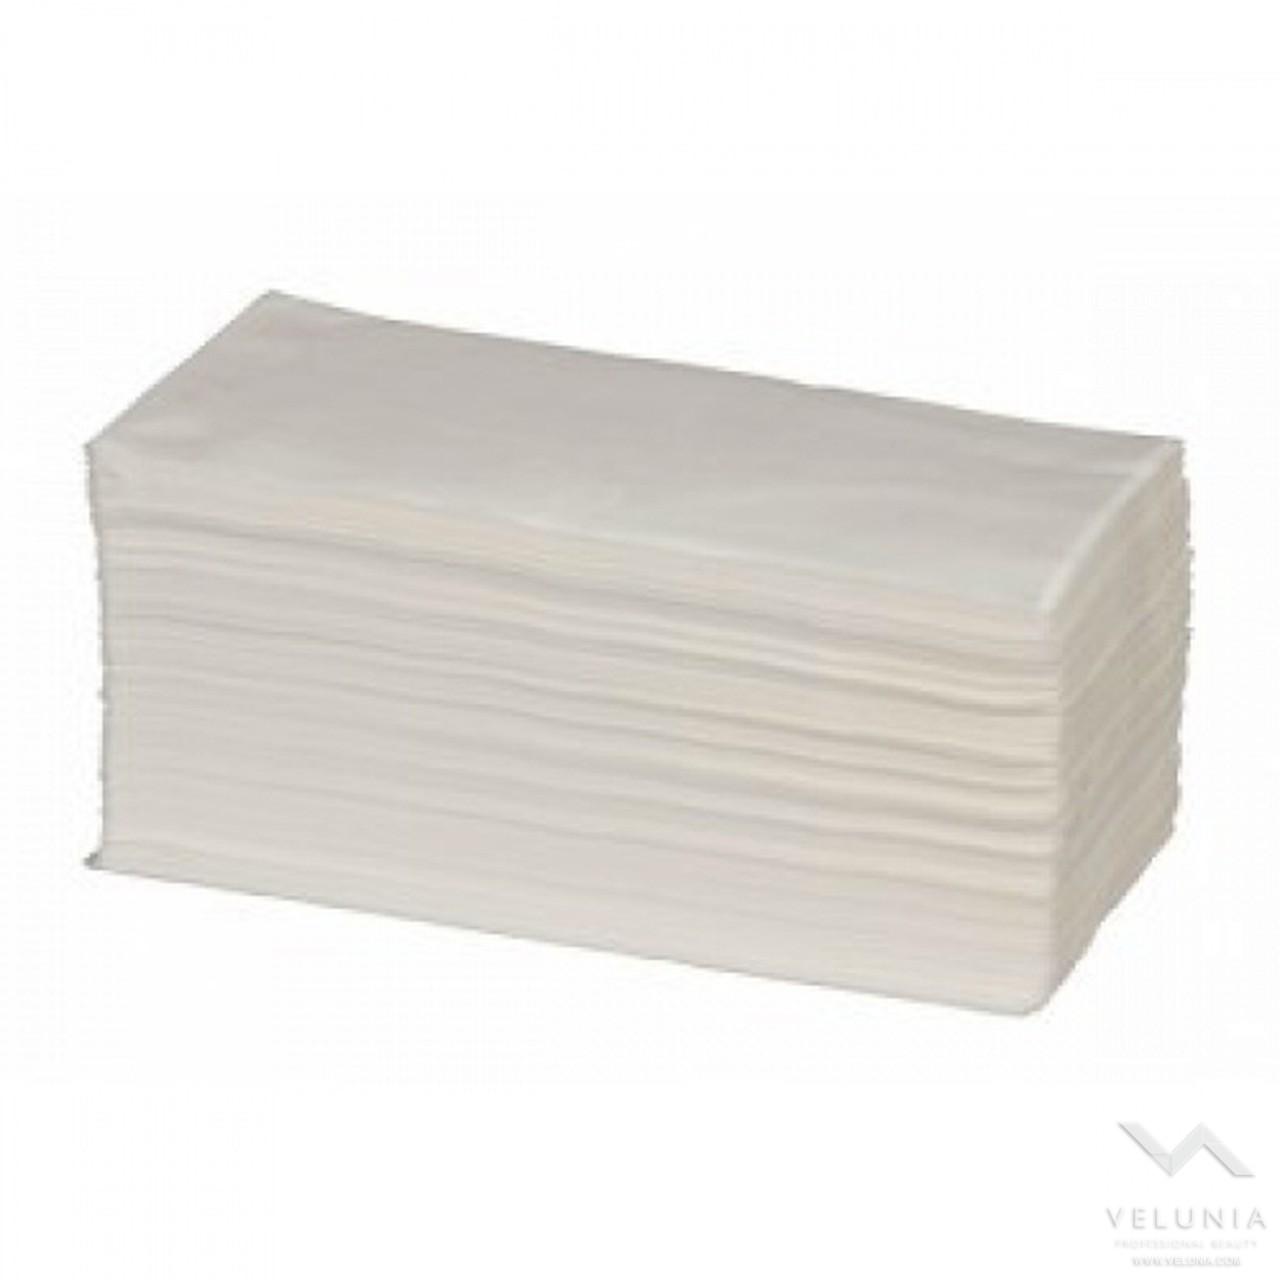 Asciugamani 40x80  100 pz. TNT 1